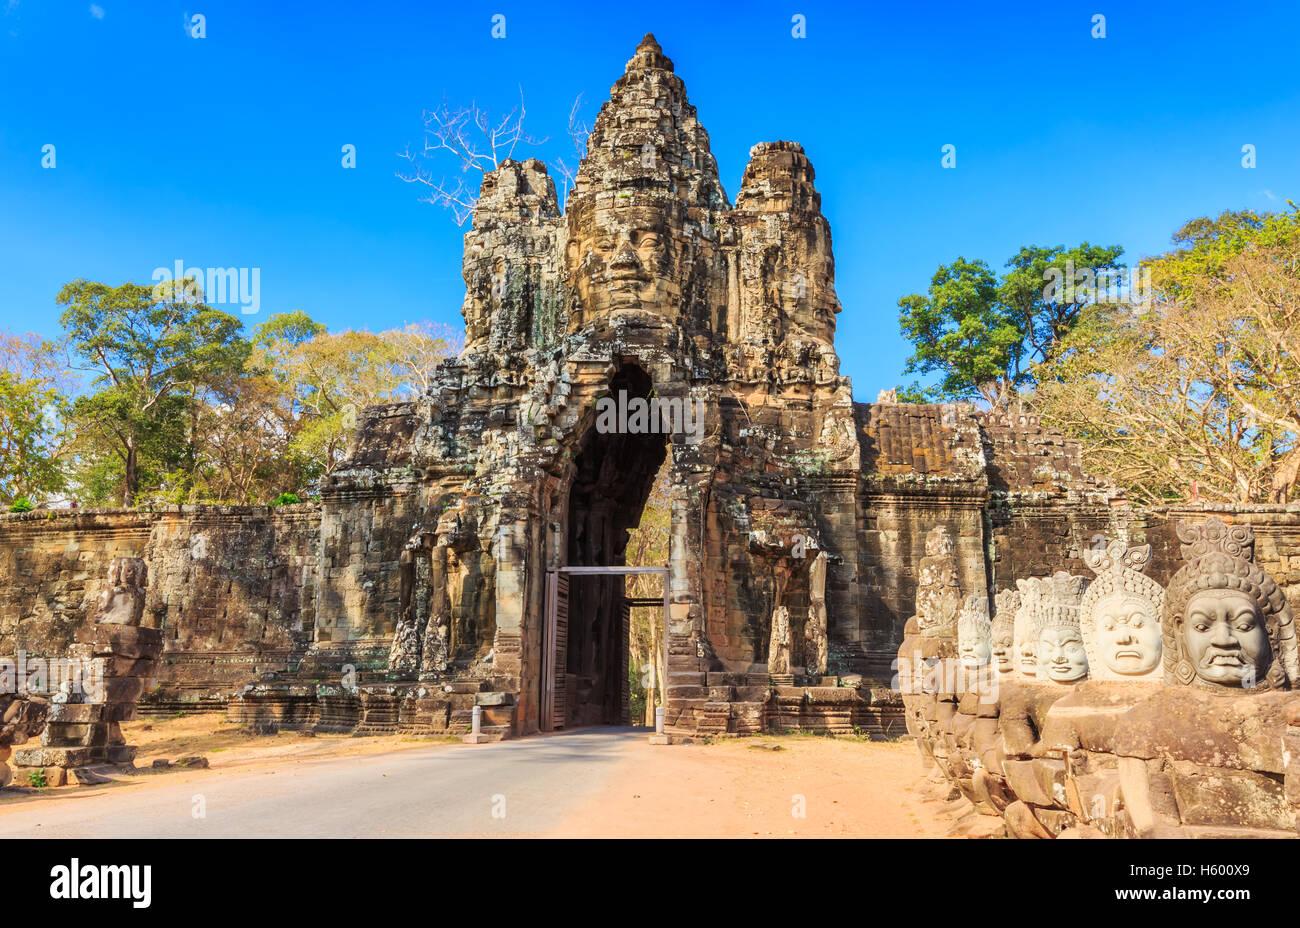 Angkor Wat, Cambodia. - Stock Image